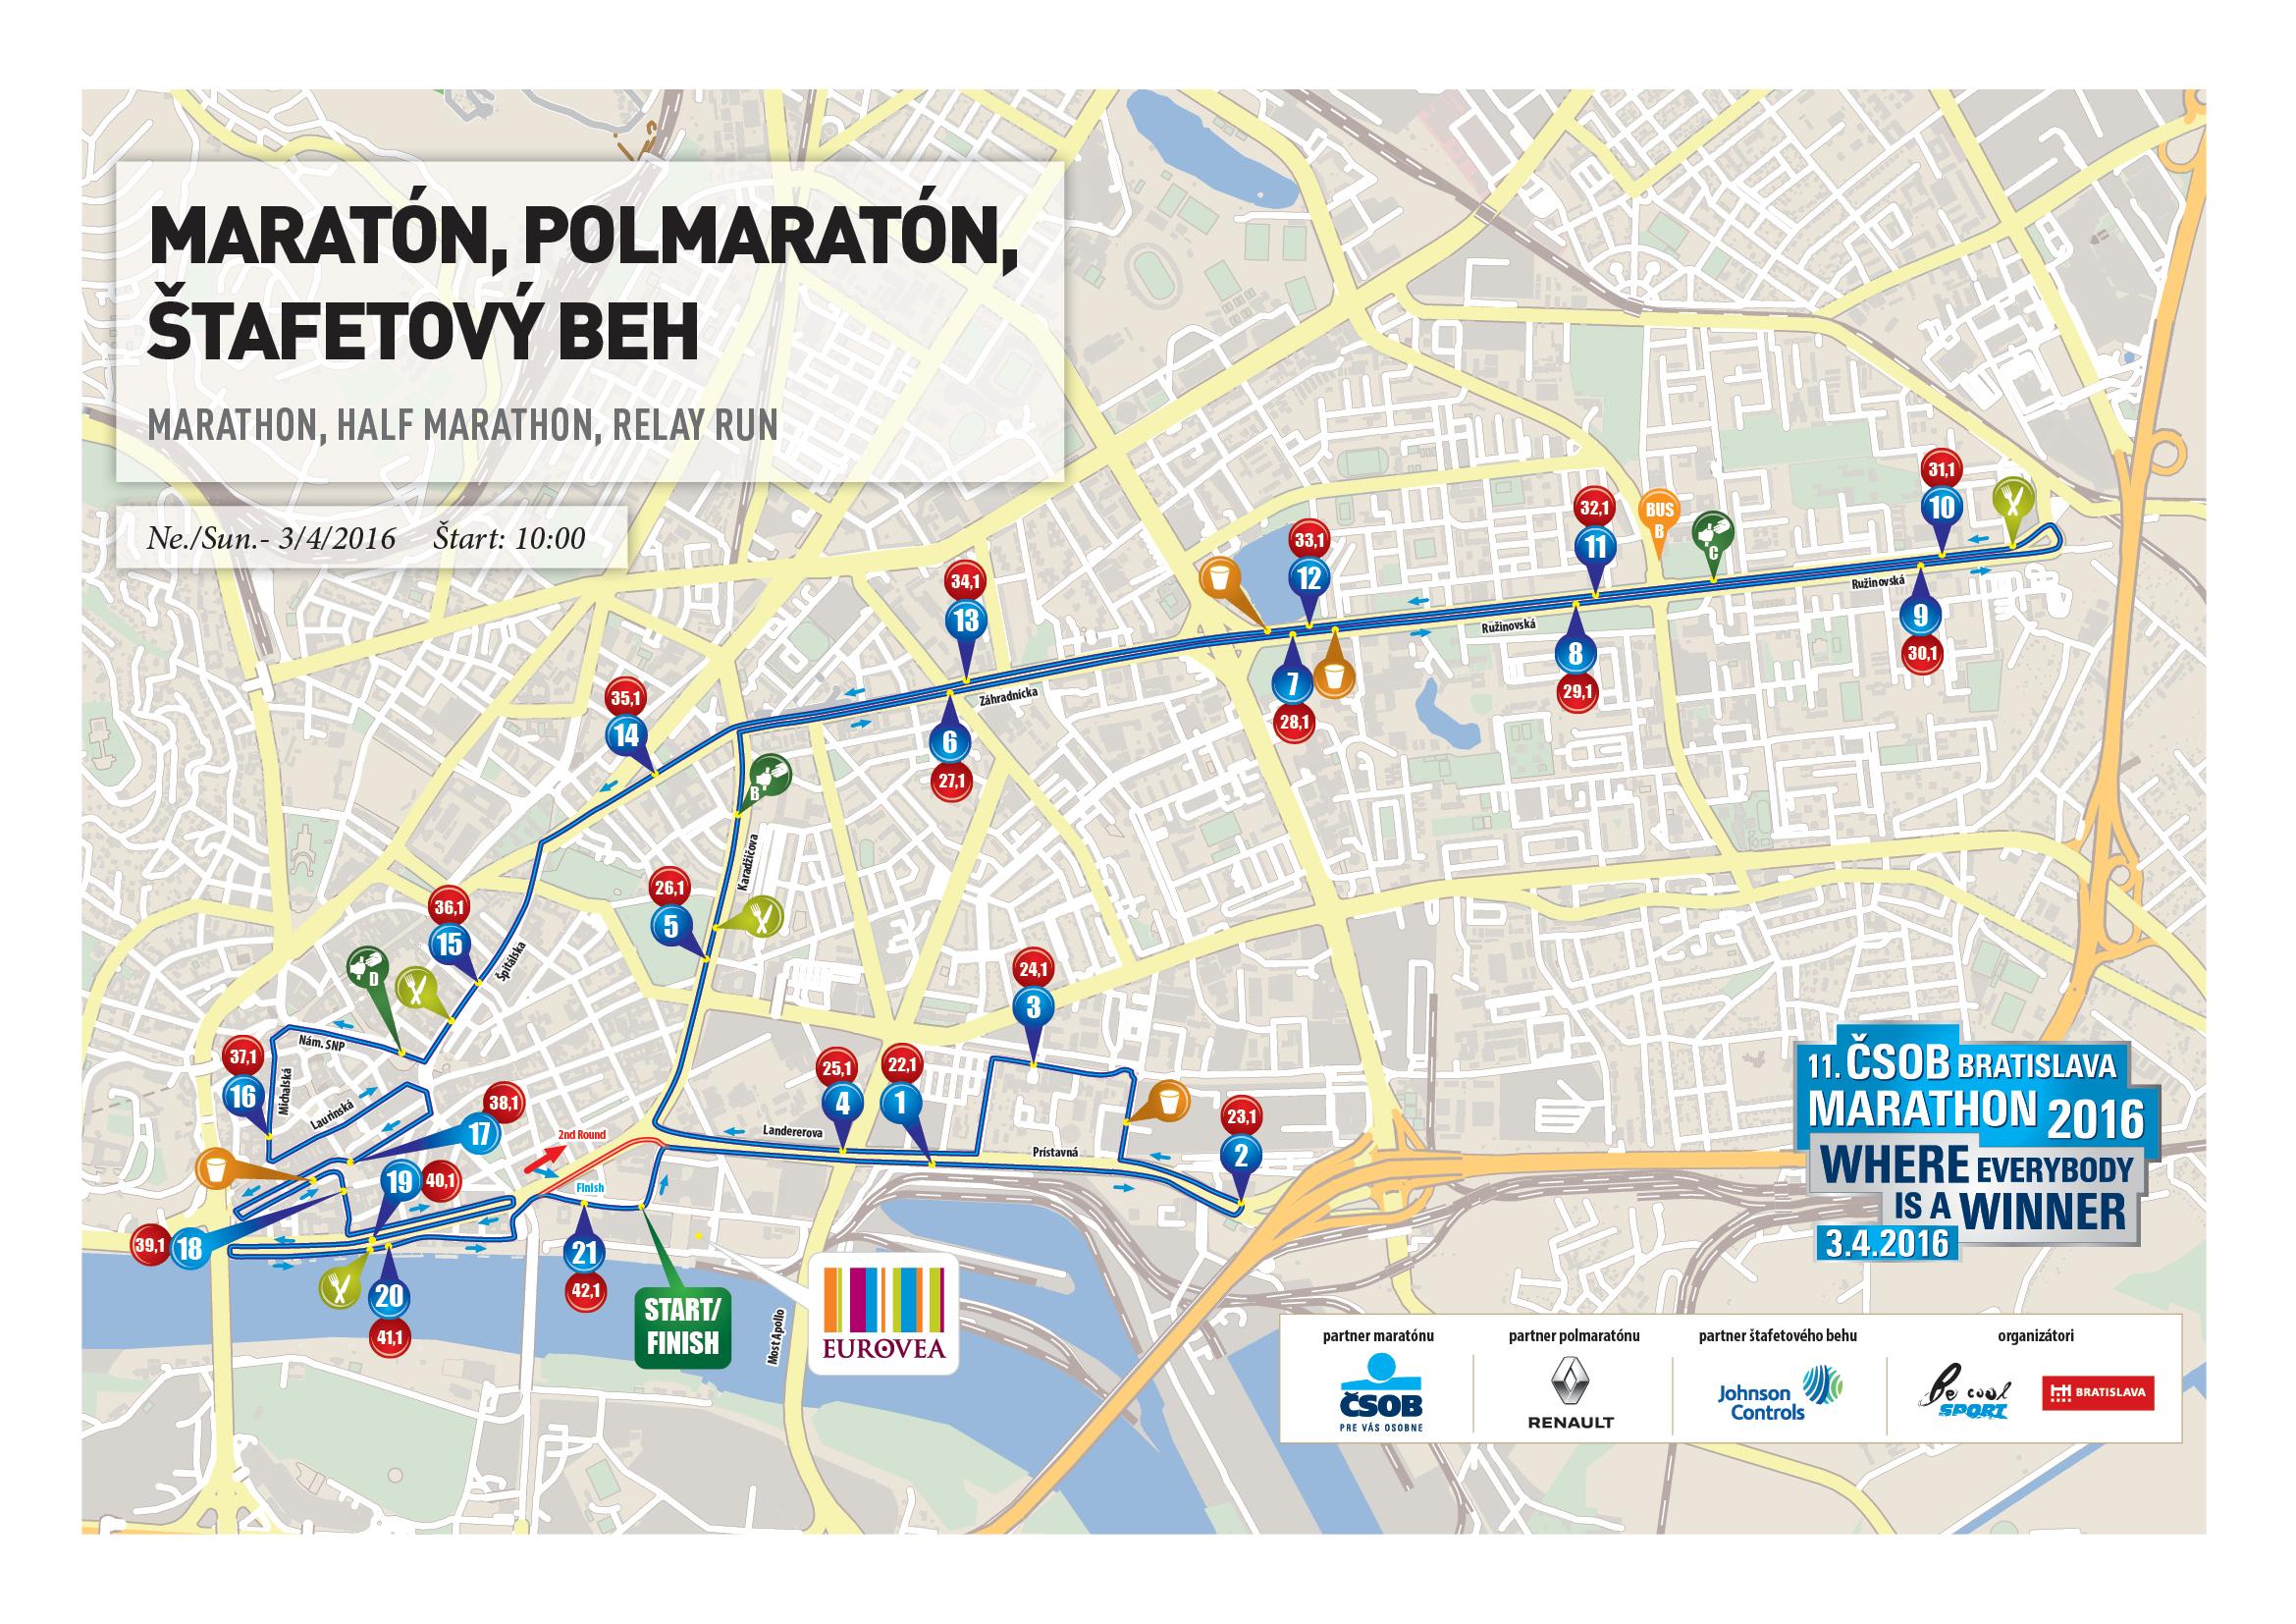 maraton_polmaraton_staf